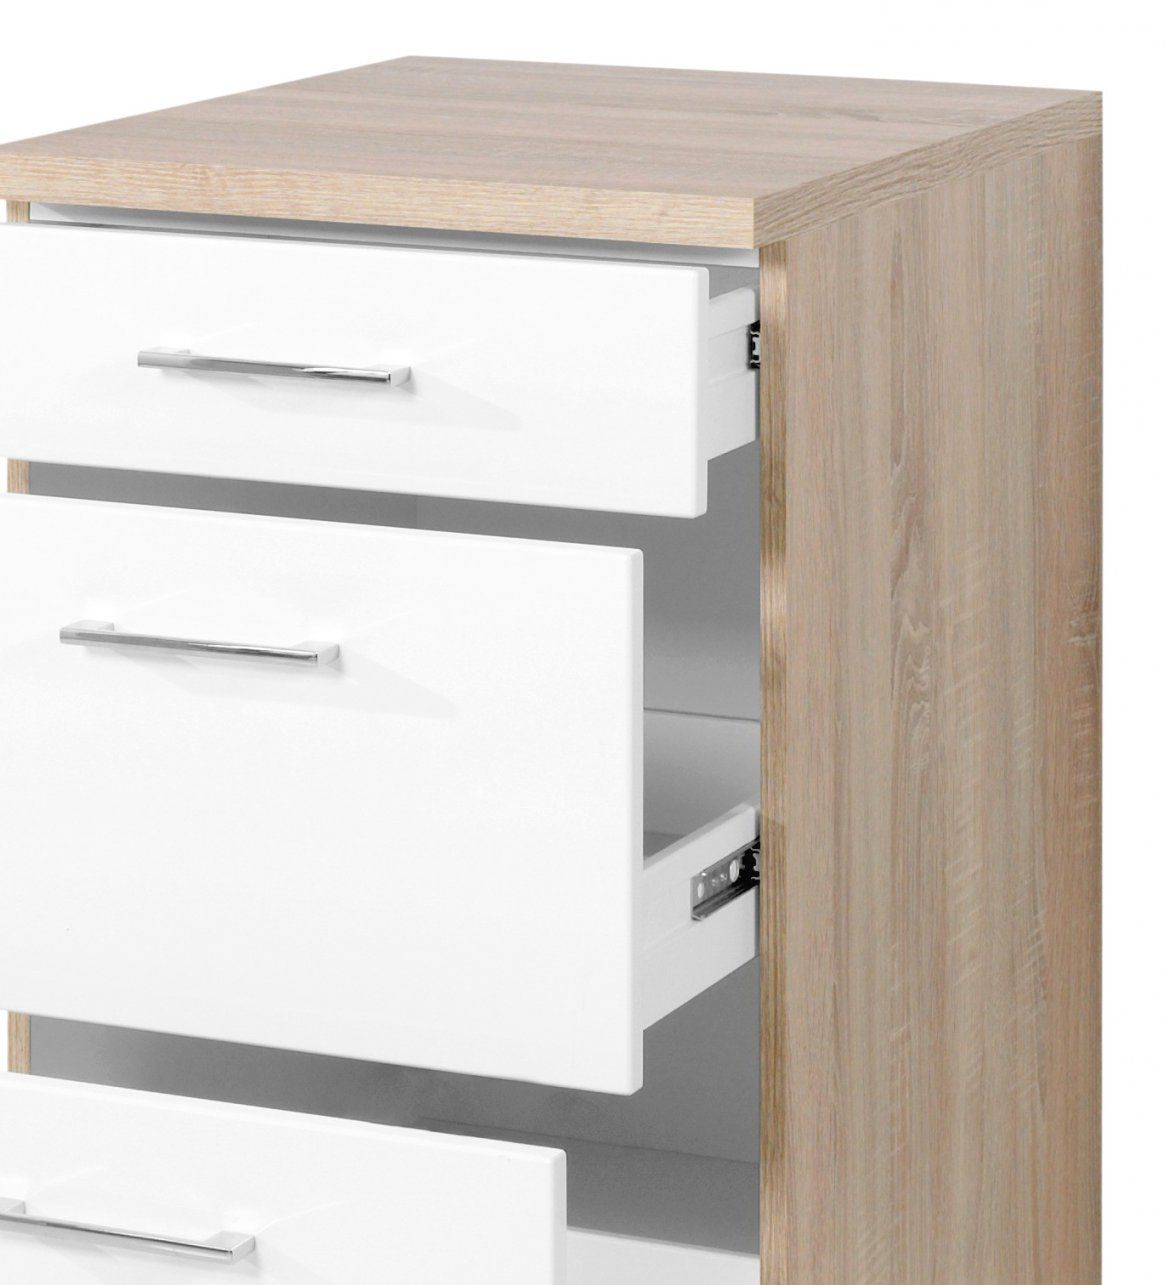 Entzückende Ideen Küchen Unterschrank Schubladen Und Schöne Lissabon von Unterschrank Küche 50 Cm Breit Bild